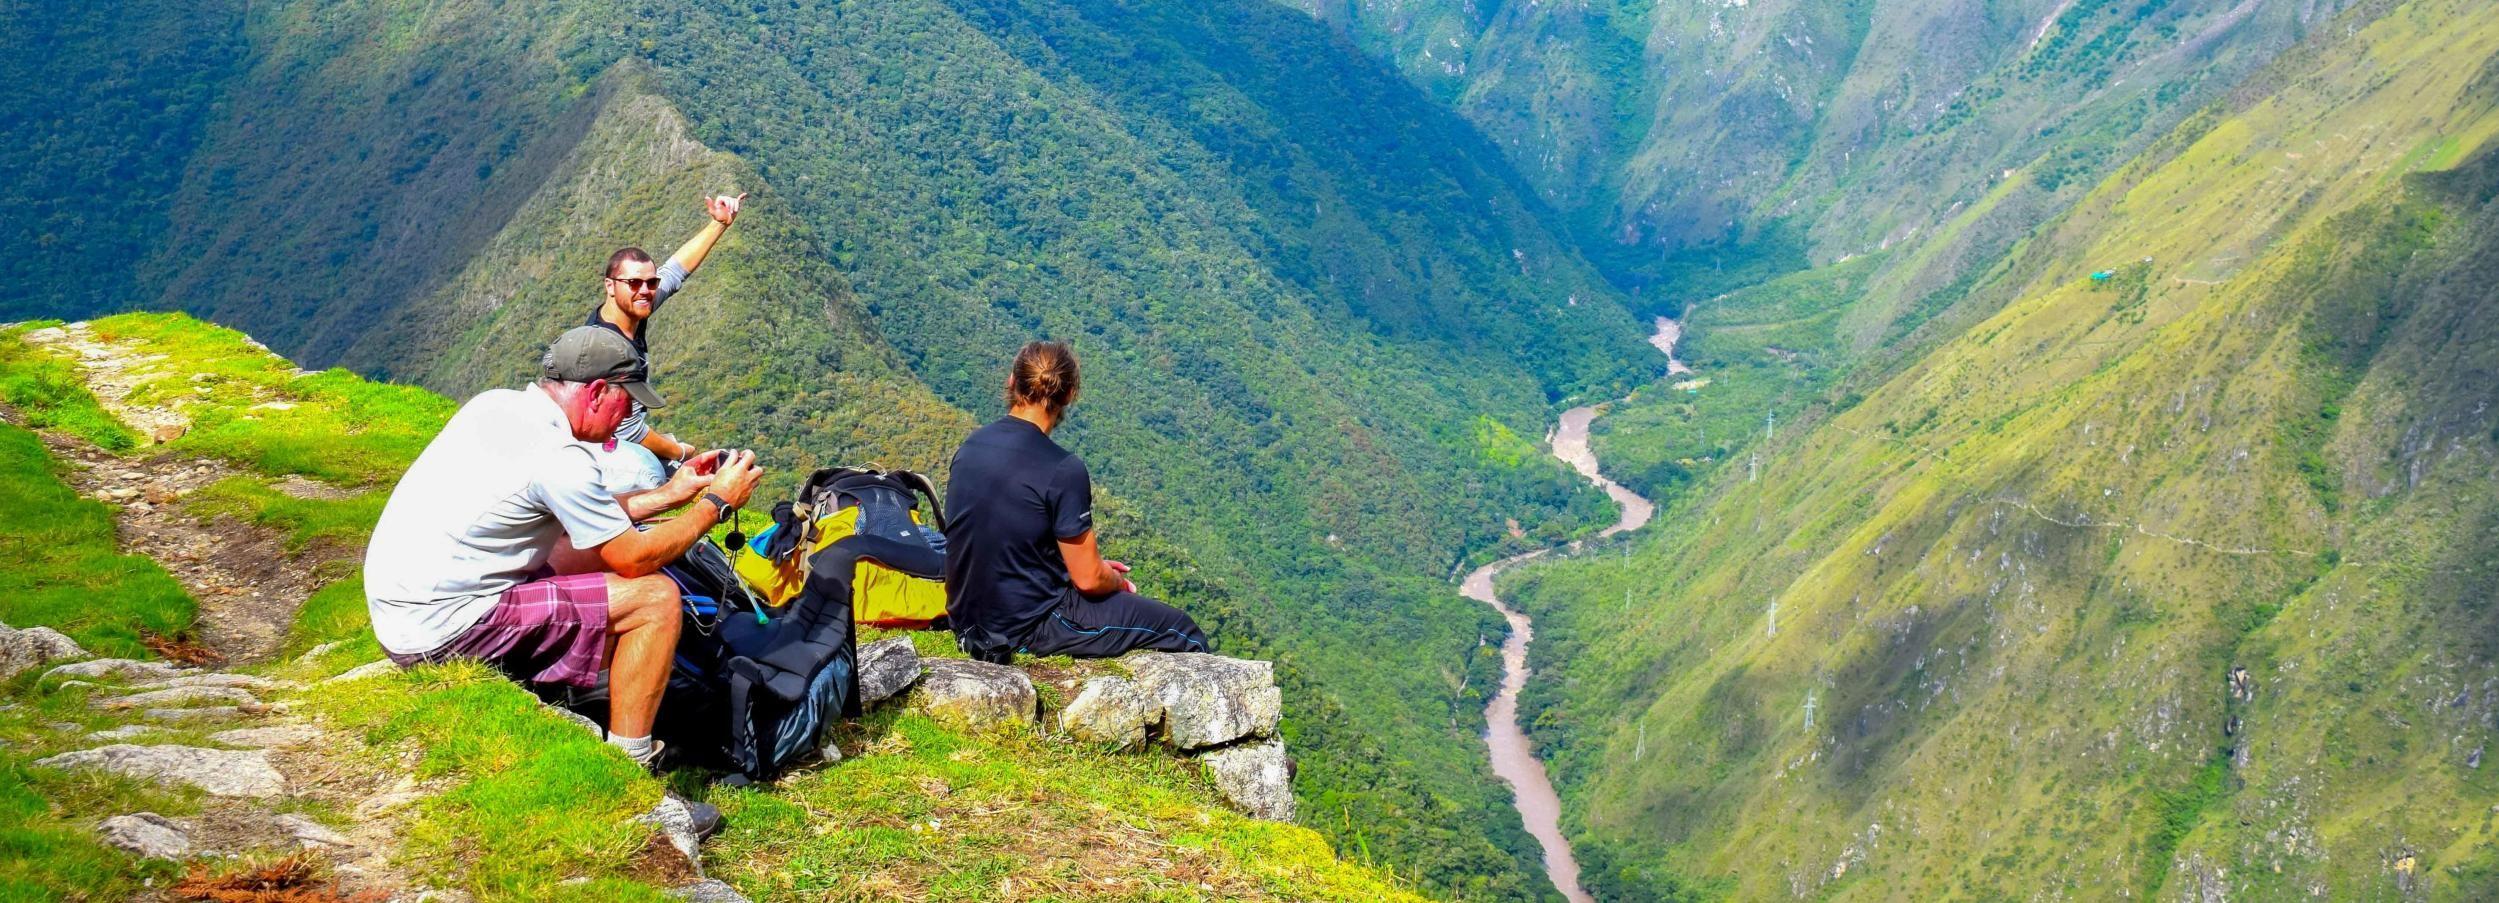 Cuzco: 4 días de ruta por el camino inca hasta Machu Picchu